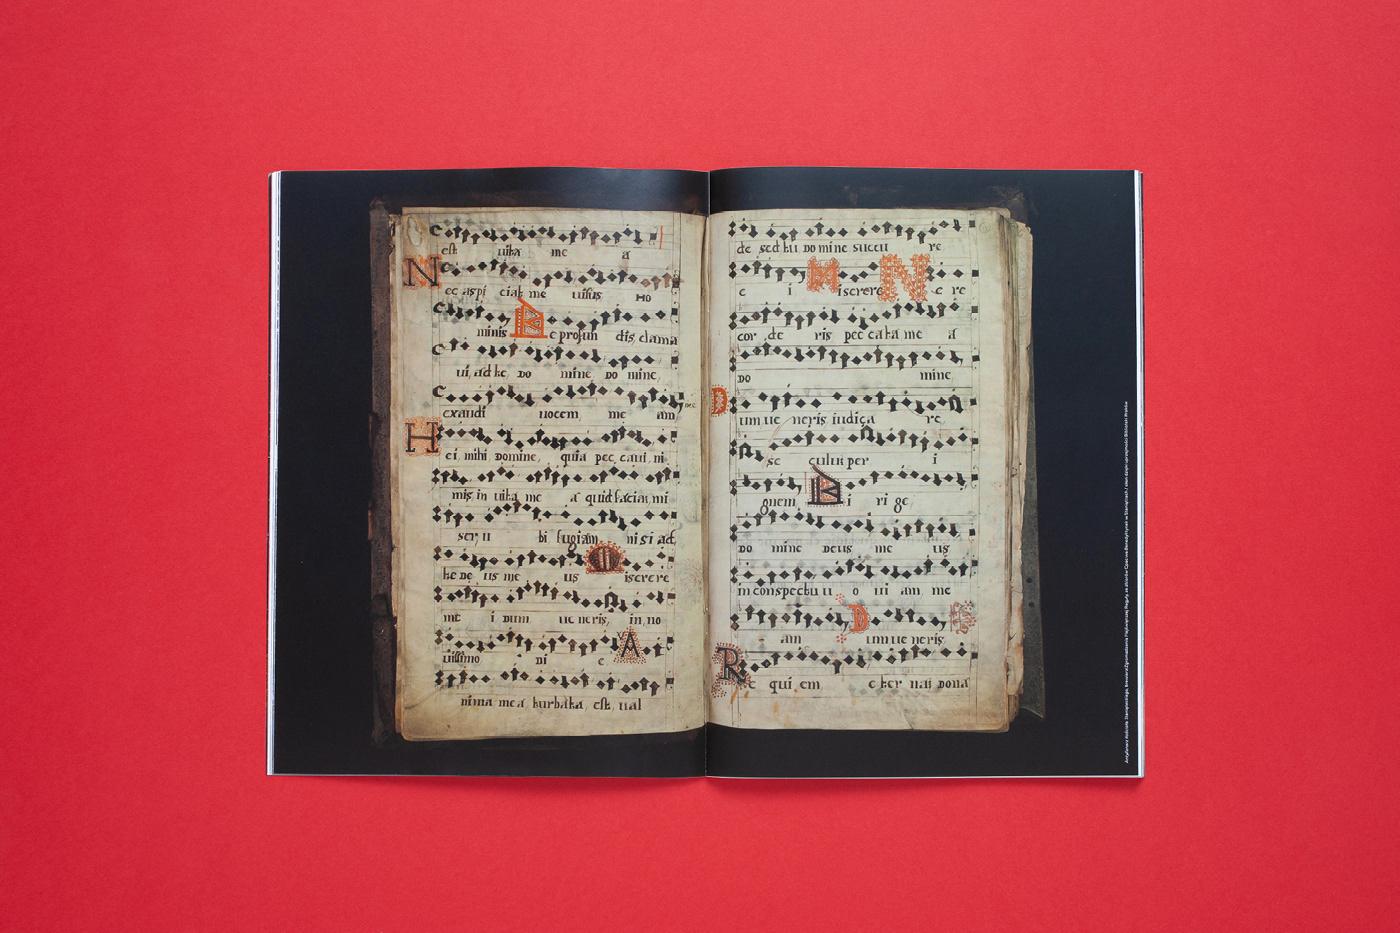 Image may contain: handwriting, wall and book